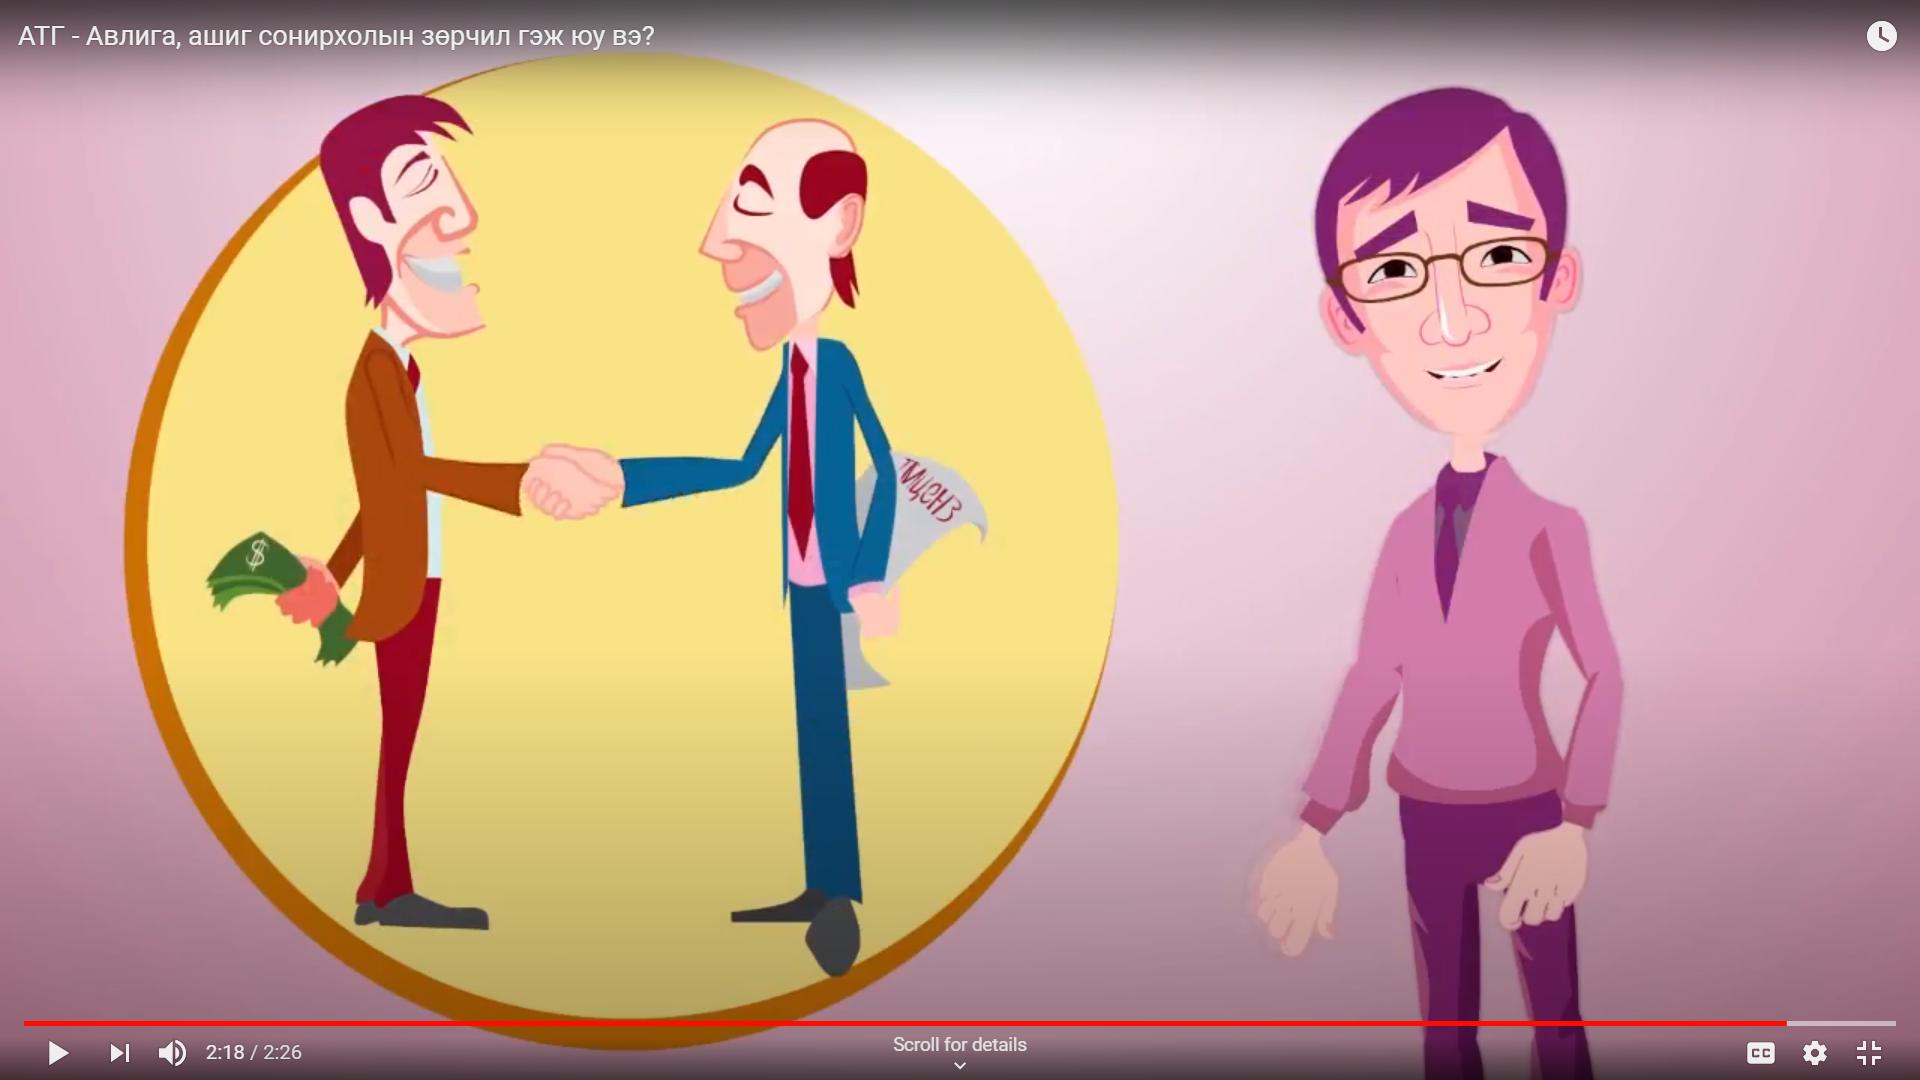 ВИДЕО: АТГ - Авлига, ашиг сонирхолын зөрчил гэж юу вэ?